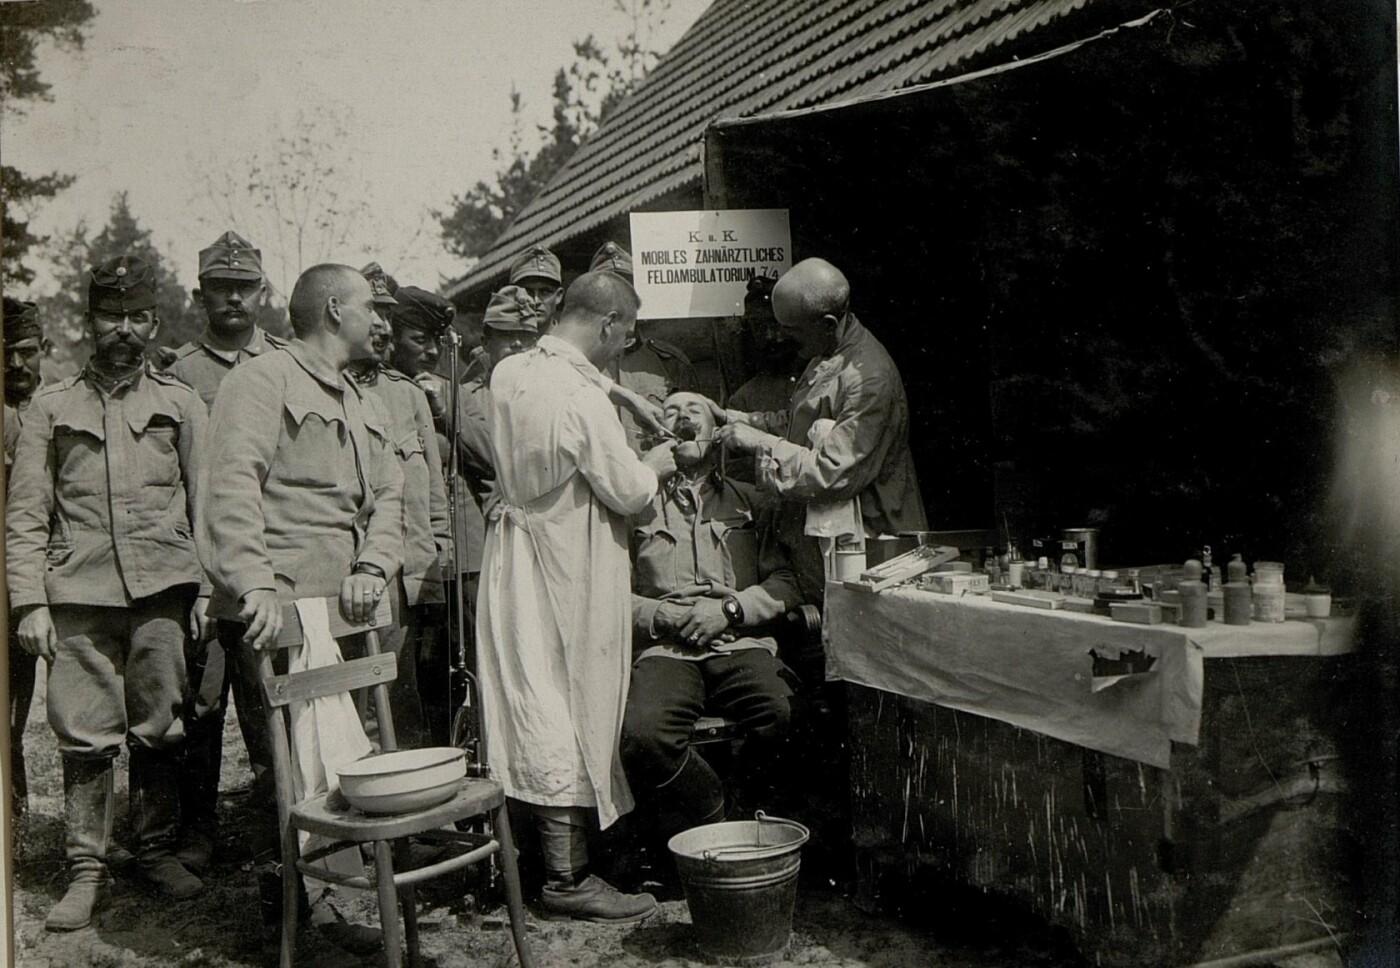 Історія краю. Стоматологія на Галичині 100 років тому: безцінна колекція фотографій, фото-1